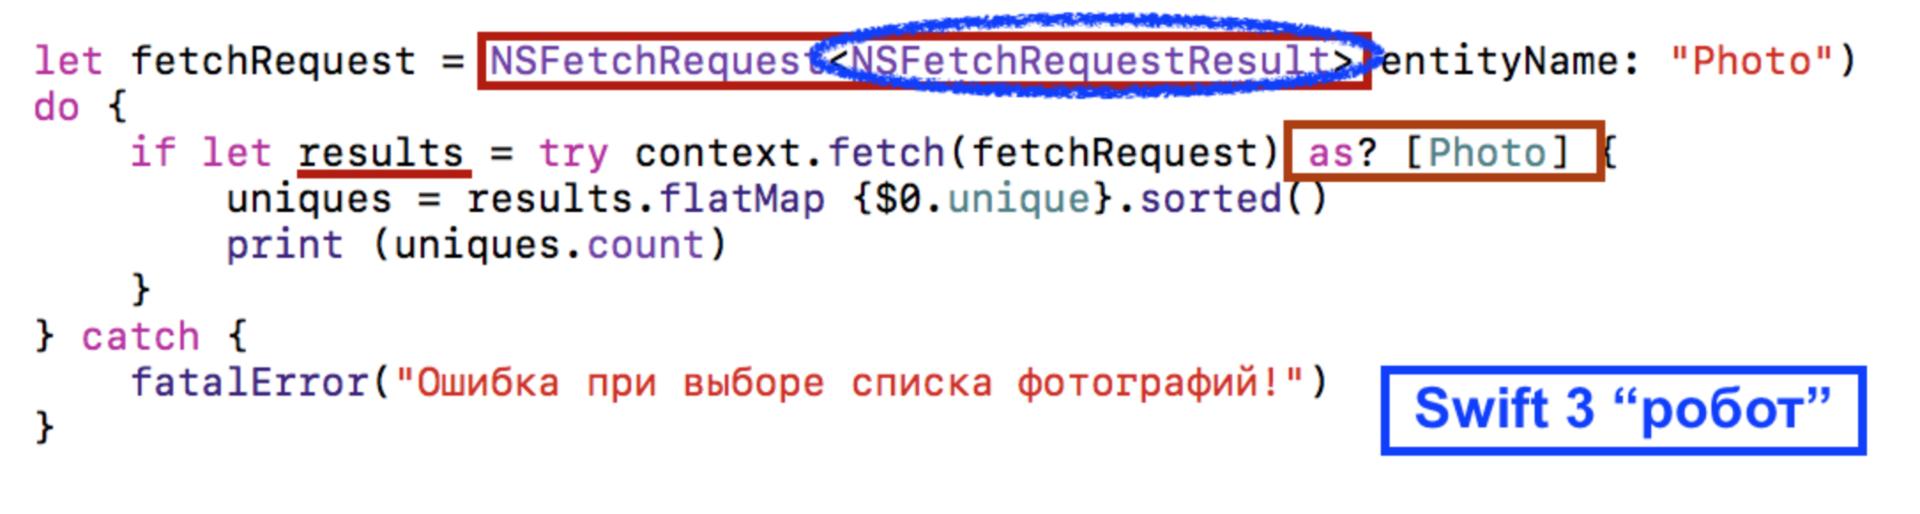 Переходим на Swift 3 с помощью миграционного «робота» в Xcode 8.1 и 8.2 - 43